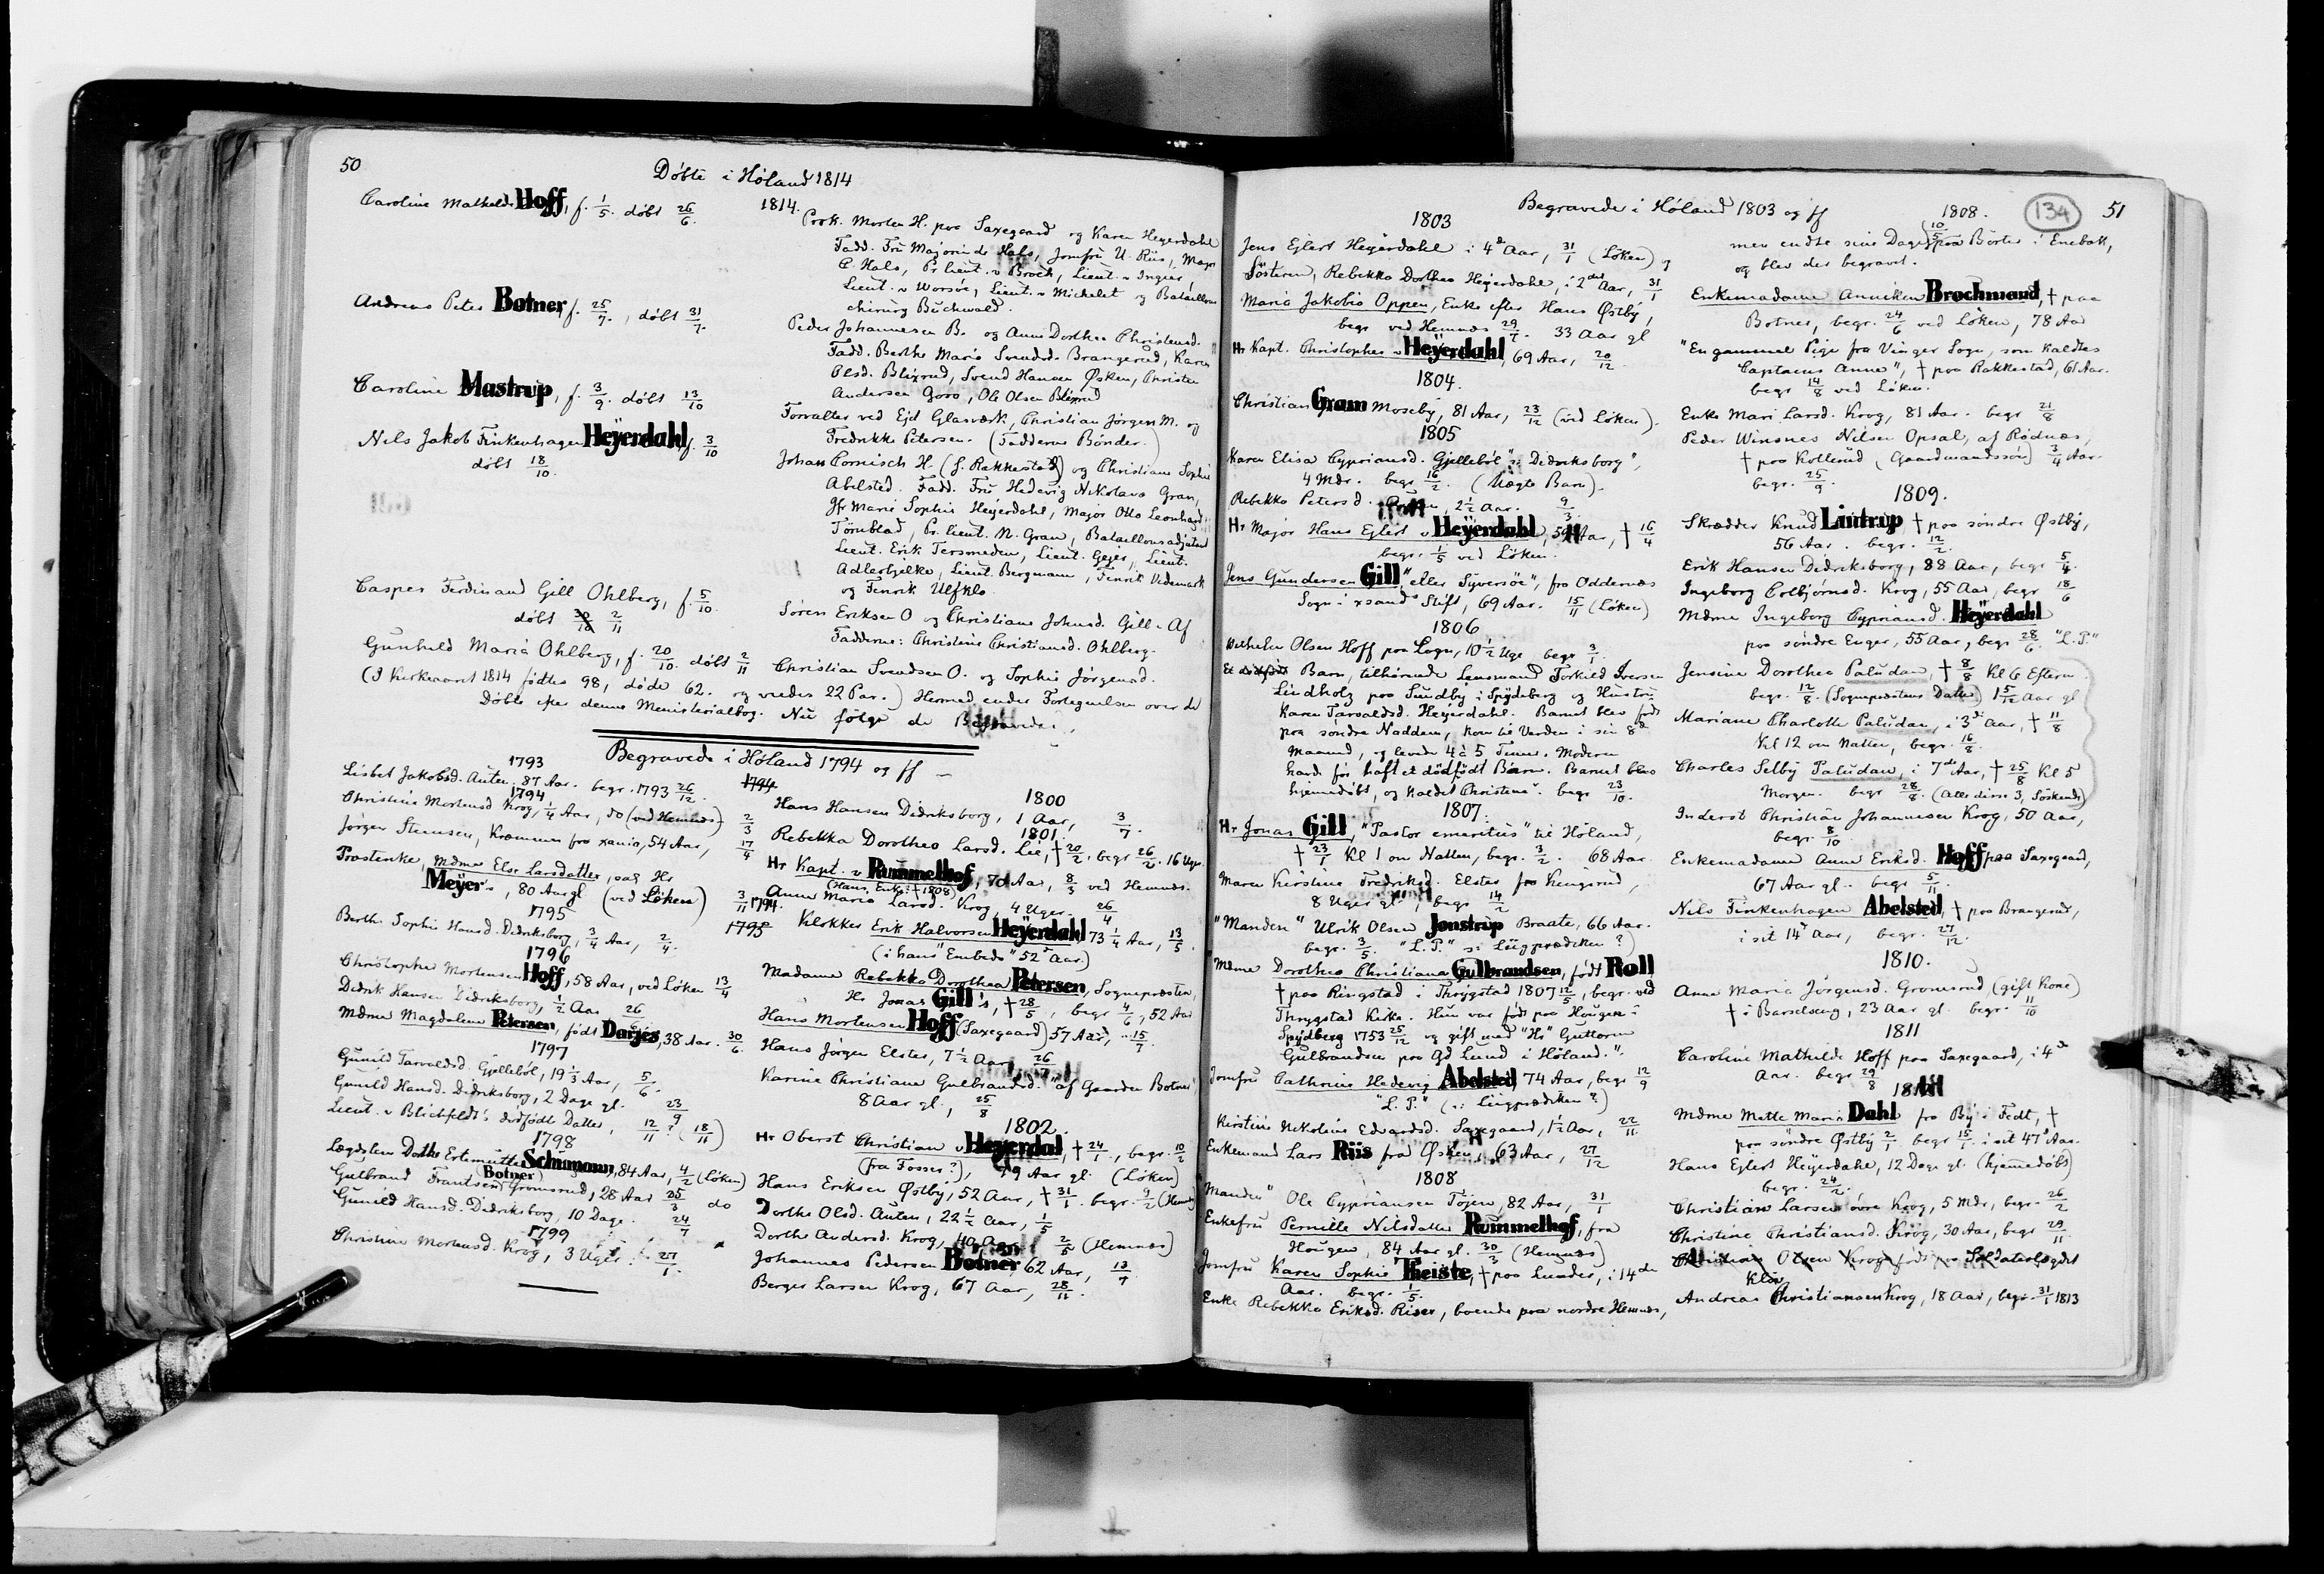 RA, Lassens samlinger, F/Fc, s. 134